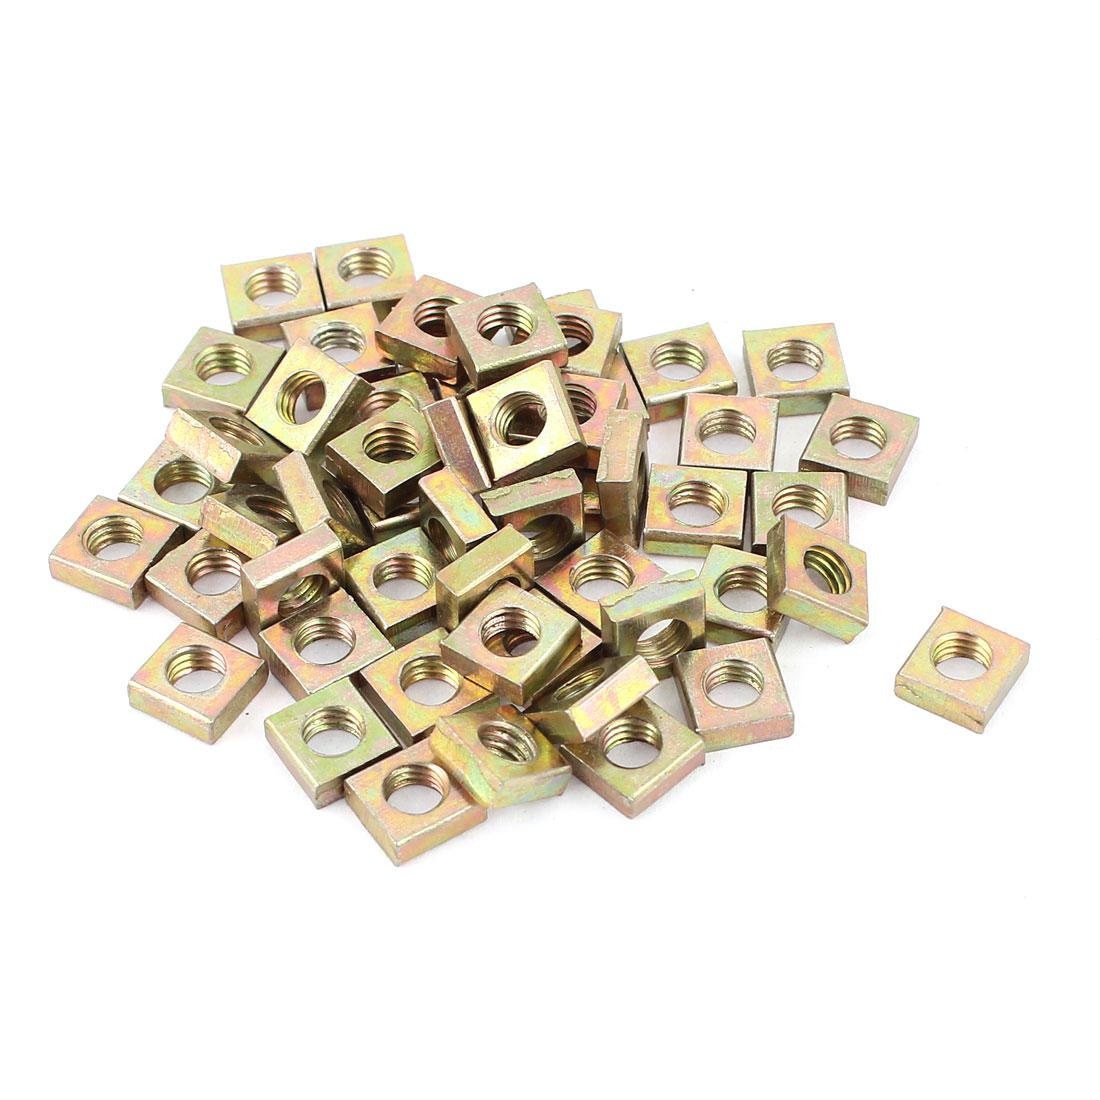 M5x8x3mm Zinc Plated Square Machine Screw Nuts Brass Tone 50Pcs